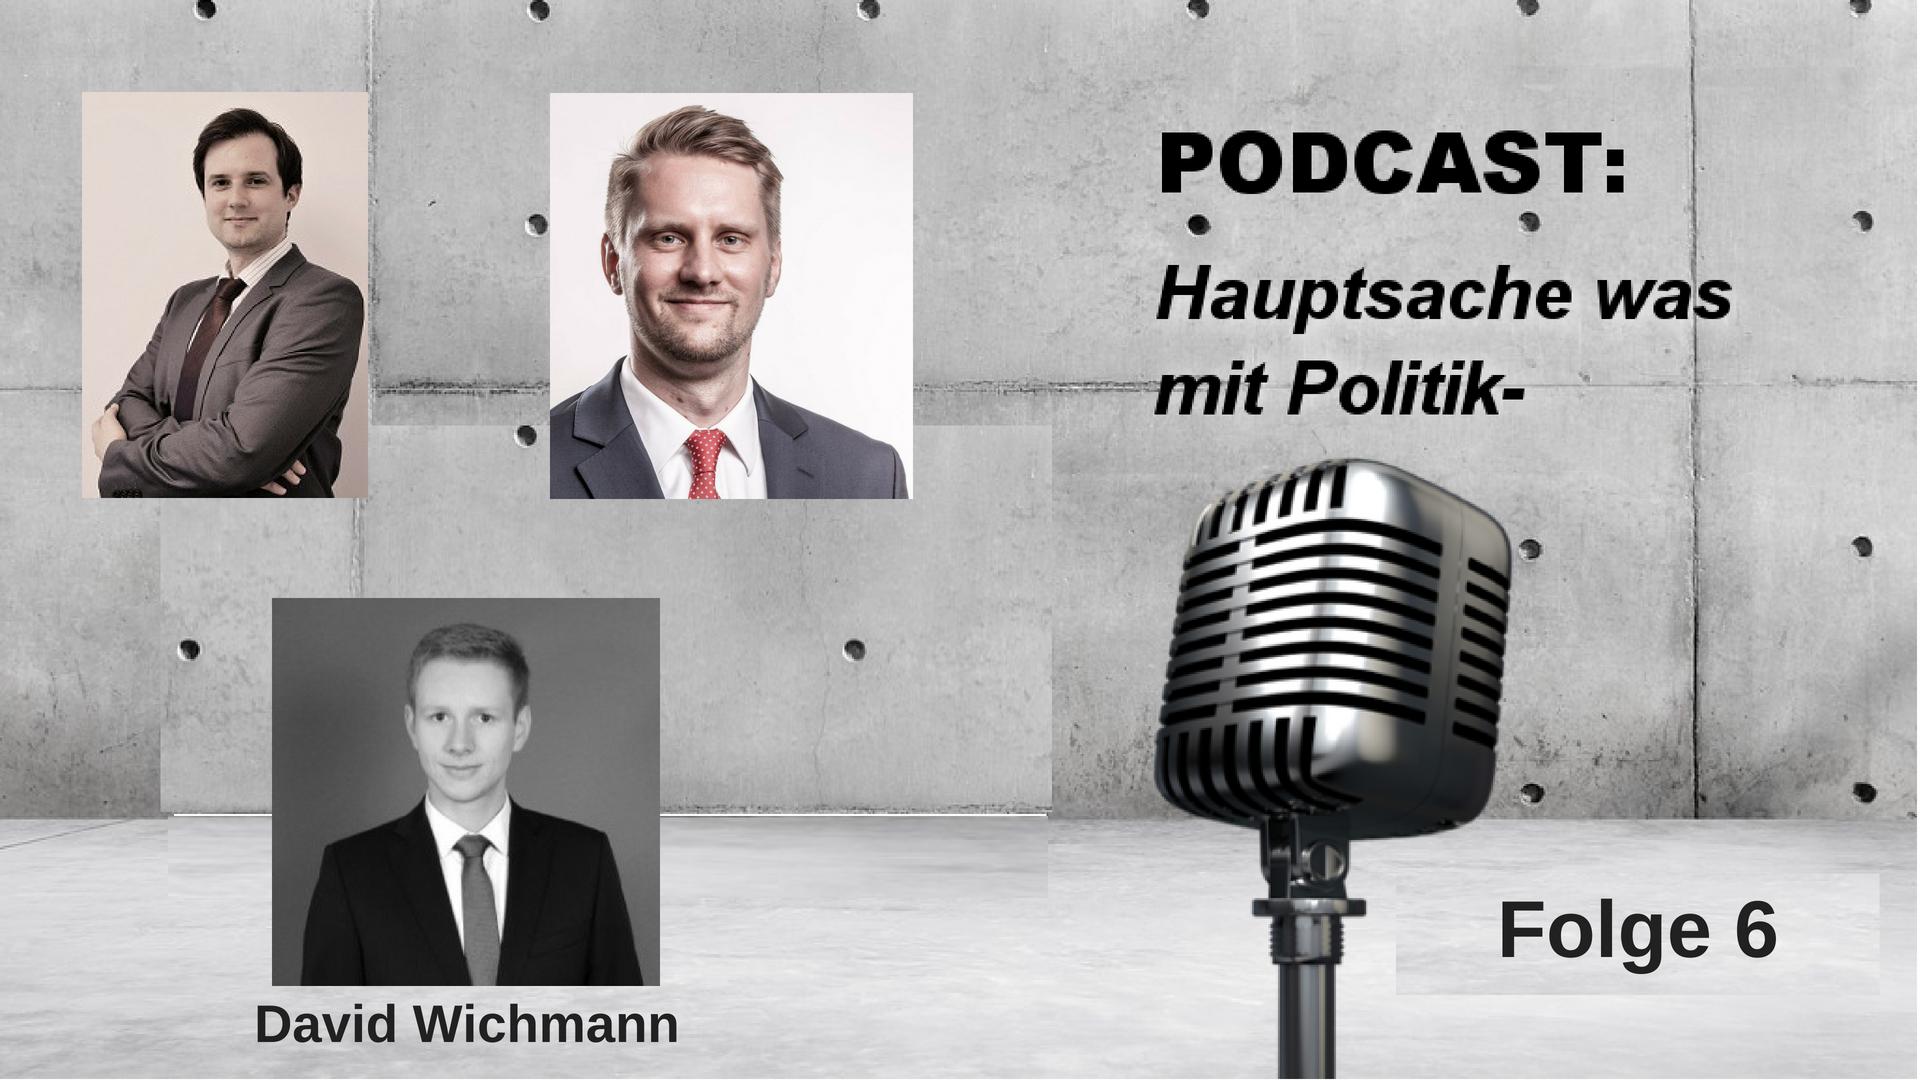 PODCAST: Hauptsache Was Mit Politik- | Folge 6